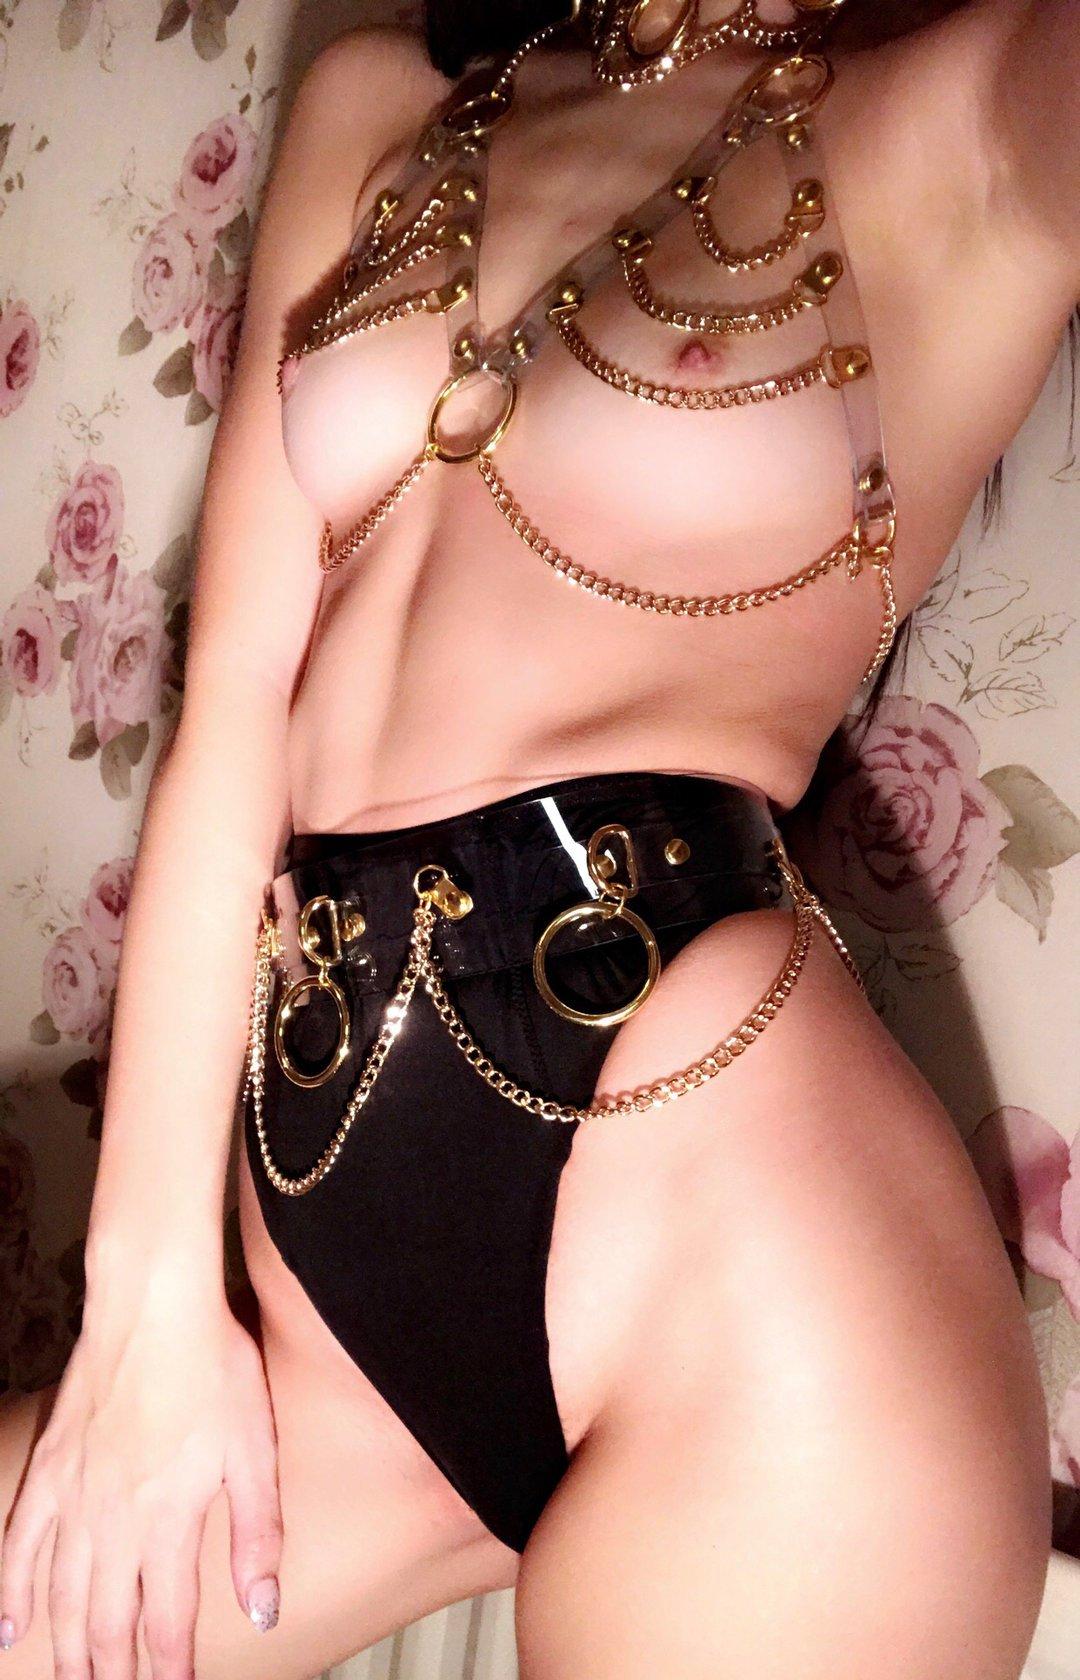 Xavia Brooke Xavia Onlyfans Nude Leaks 0016